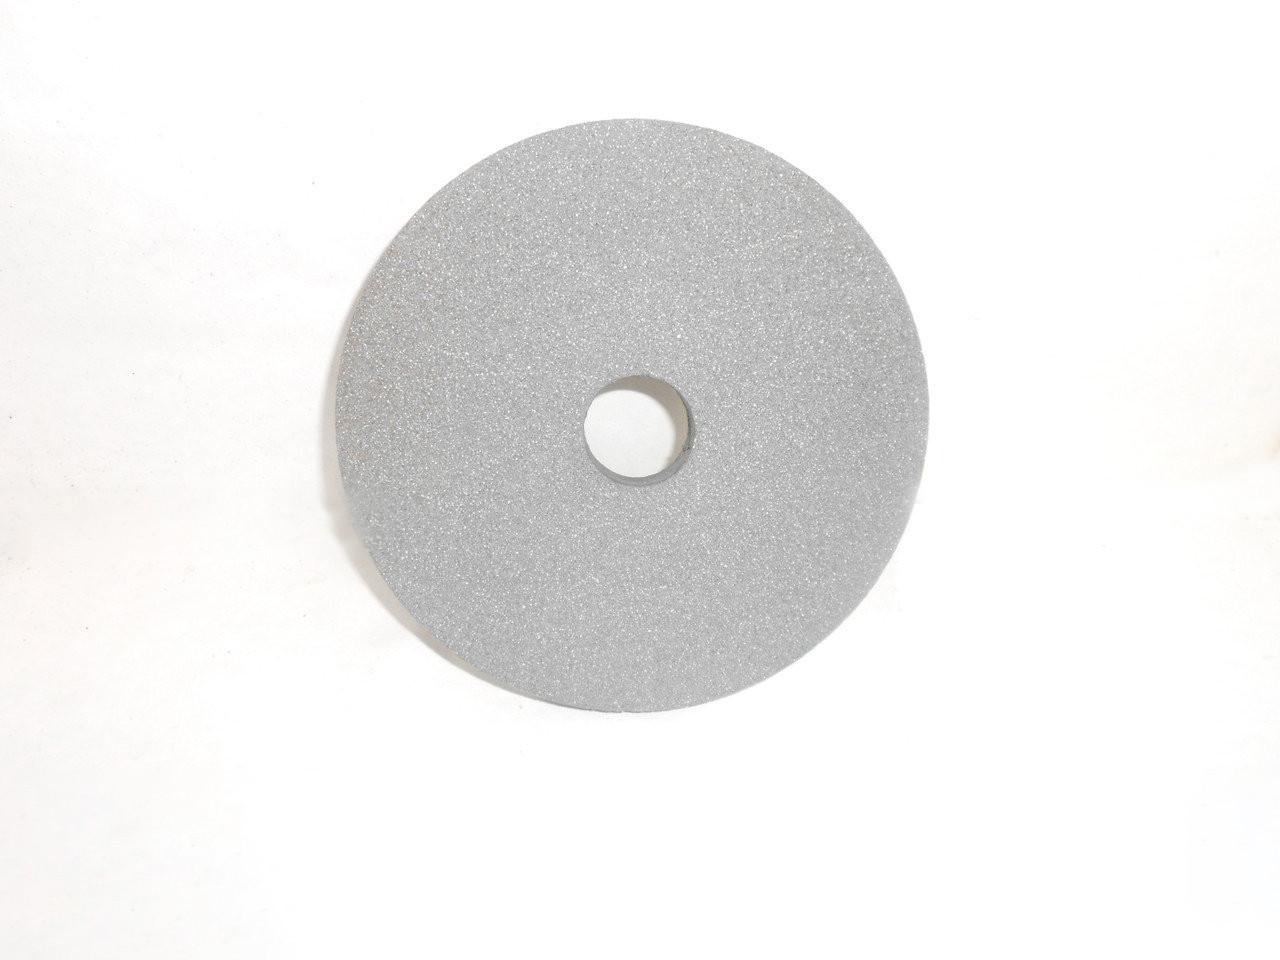 Круг шлифовальный 14А ПП 100х16х20  16-40 СМ-СТ